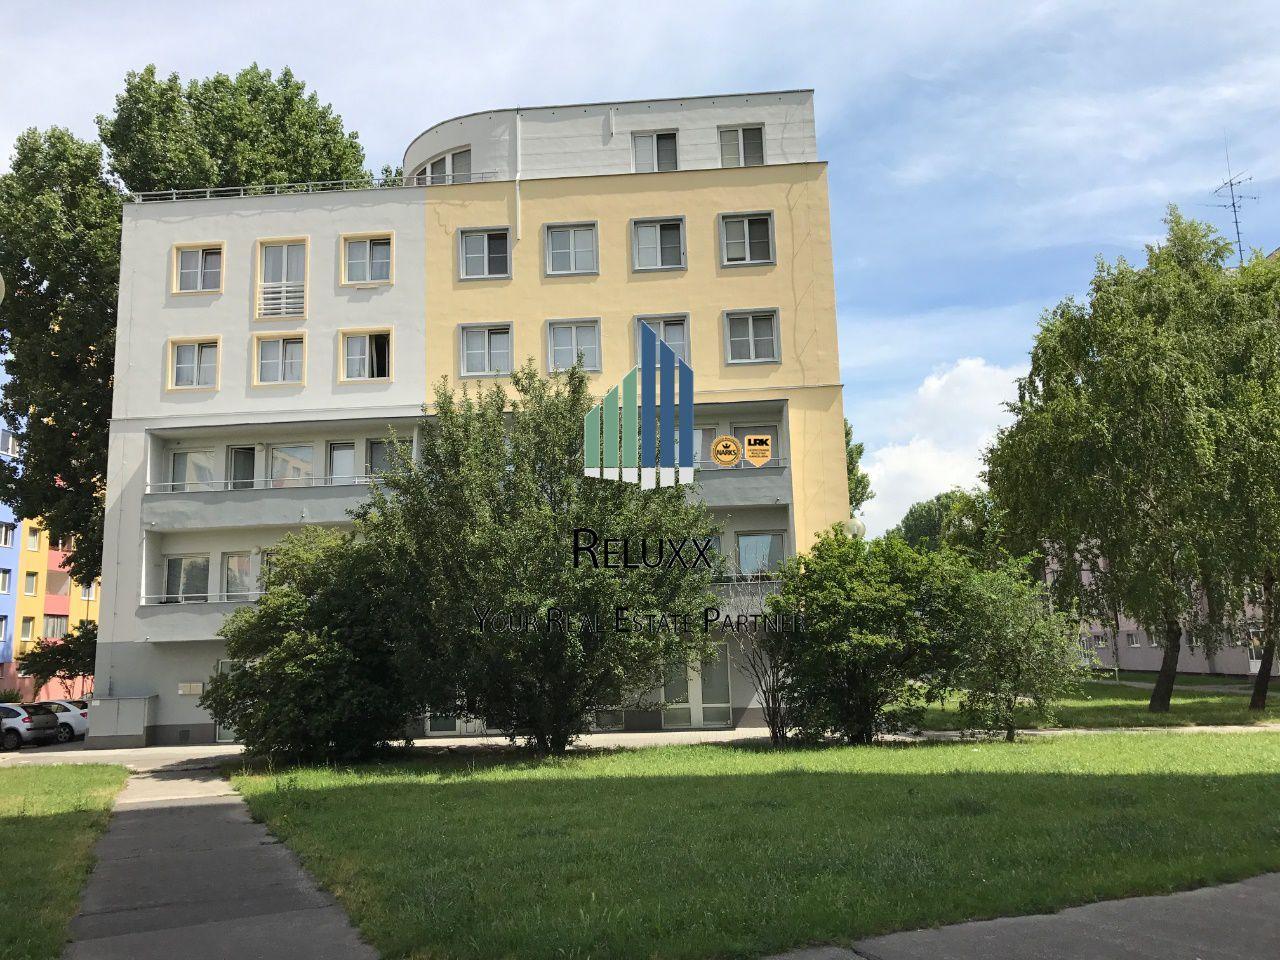 Poľnohospodársky objekt-Predaj-Bratislava - mestská časť Petržalka-2070000.00 €